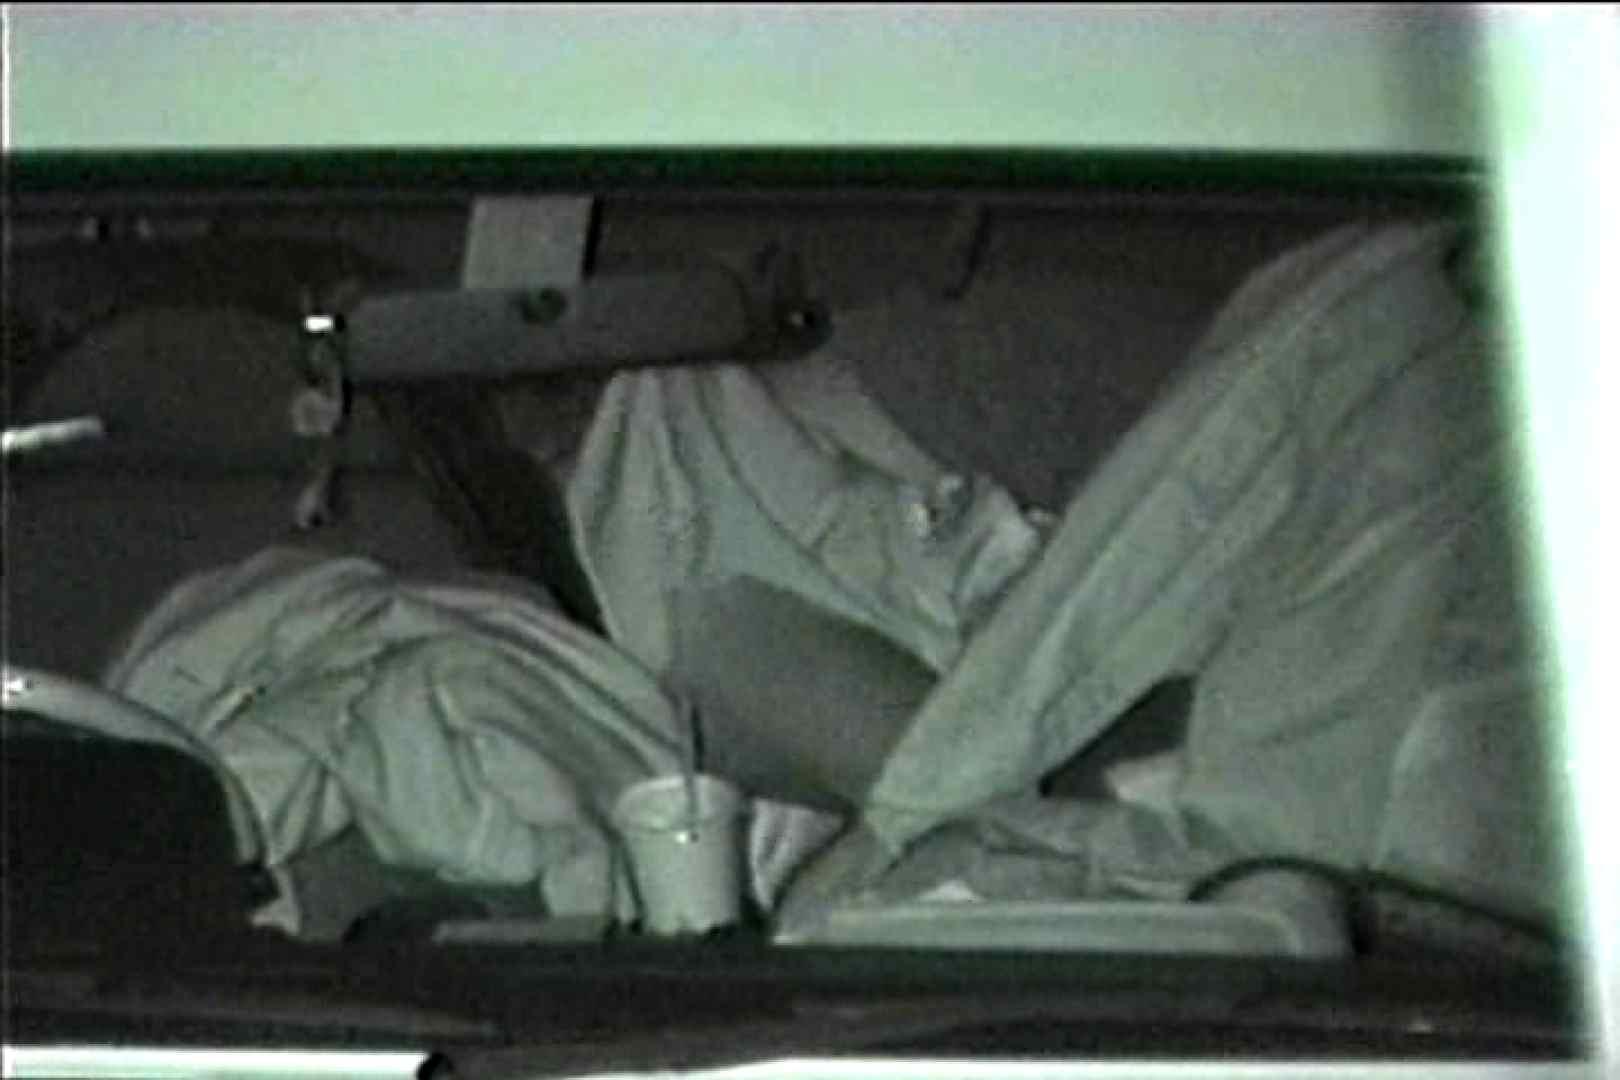 車の中はラブホテル 無修正版  Vol.7 HなOL ヌード画像 81pic 20